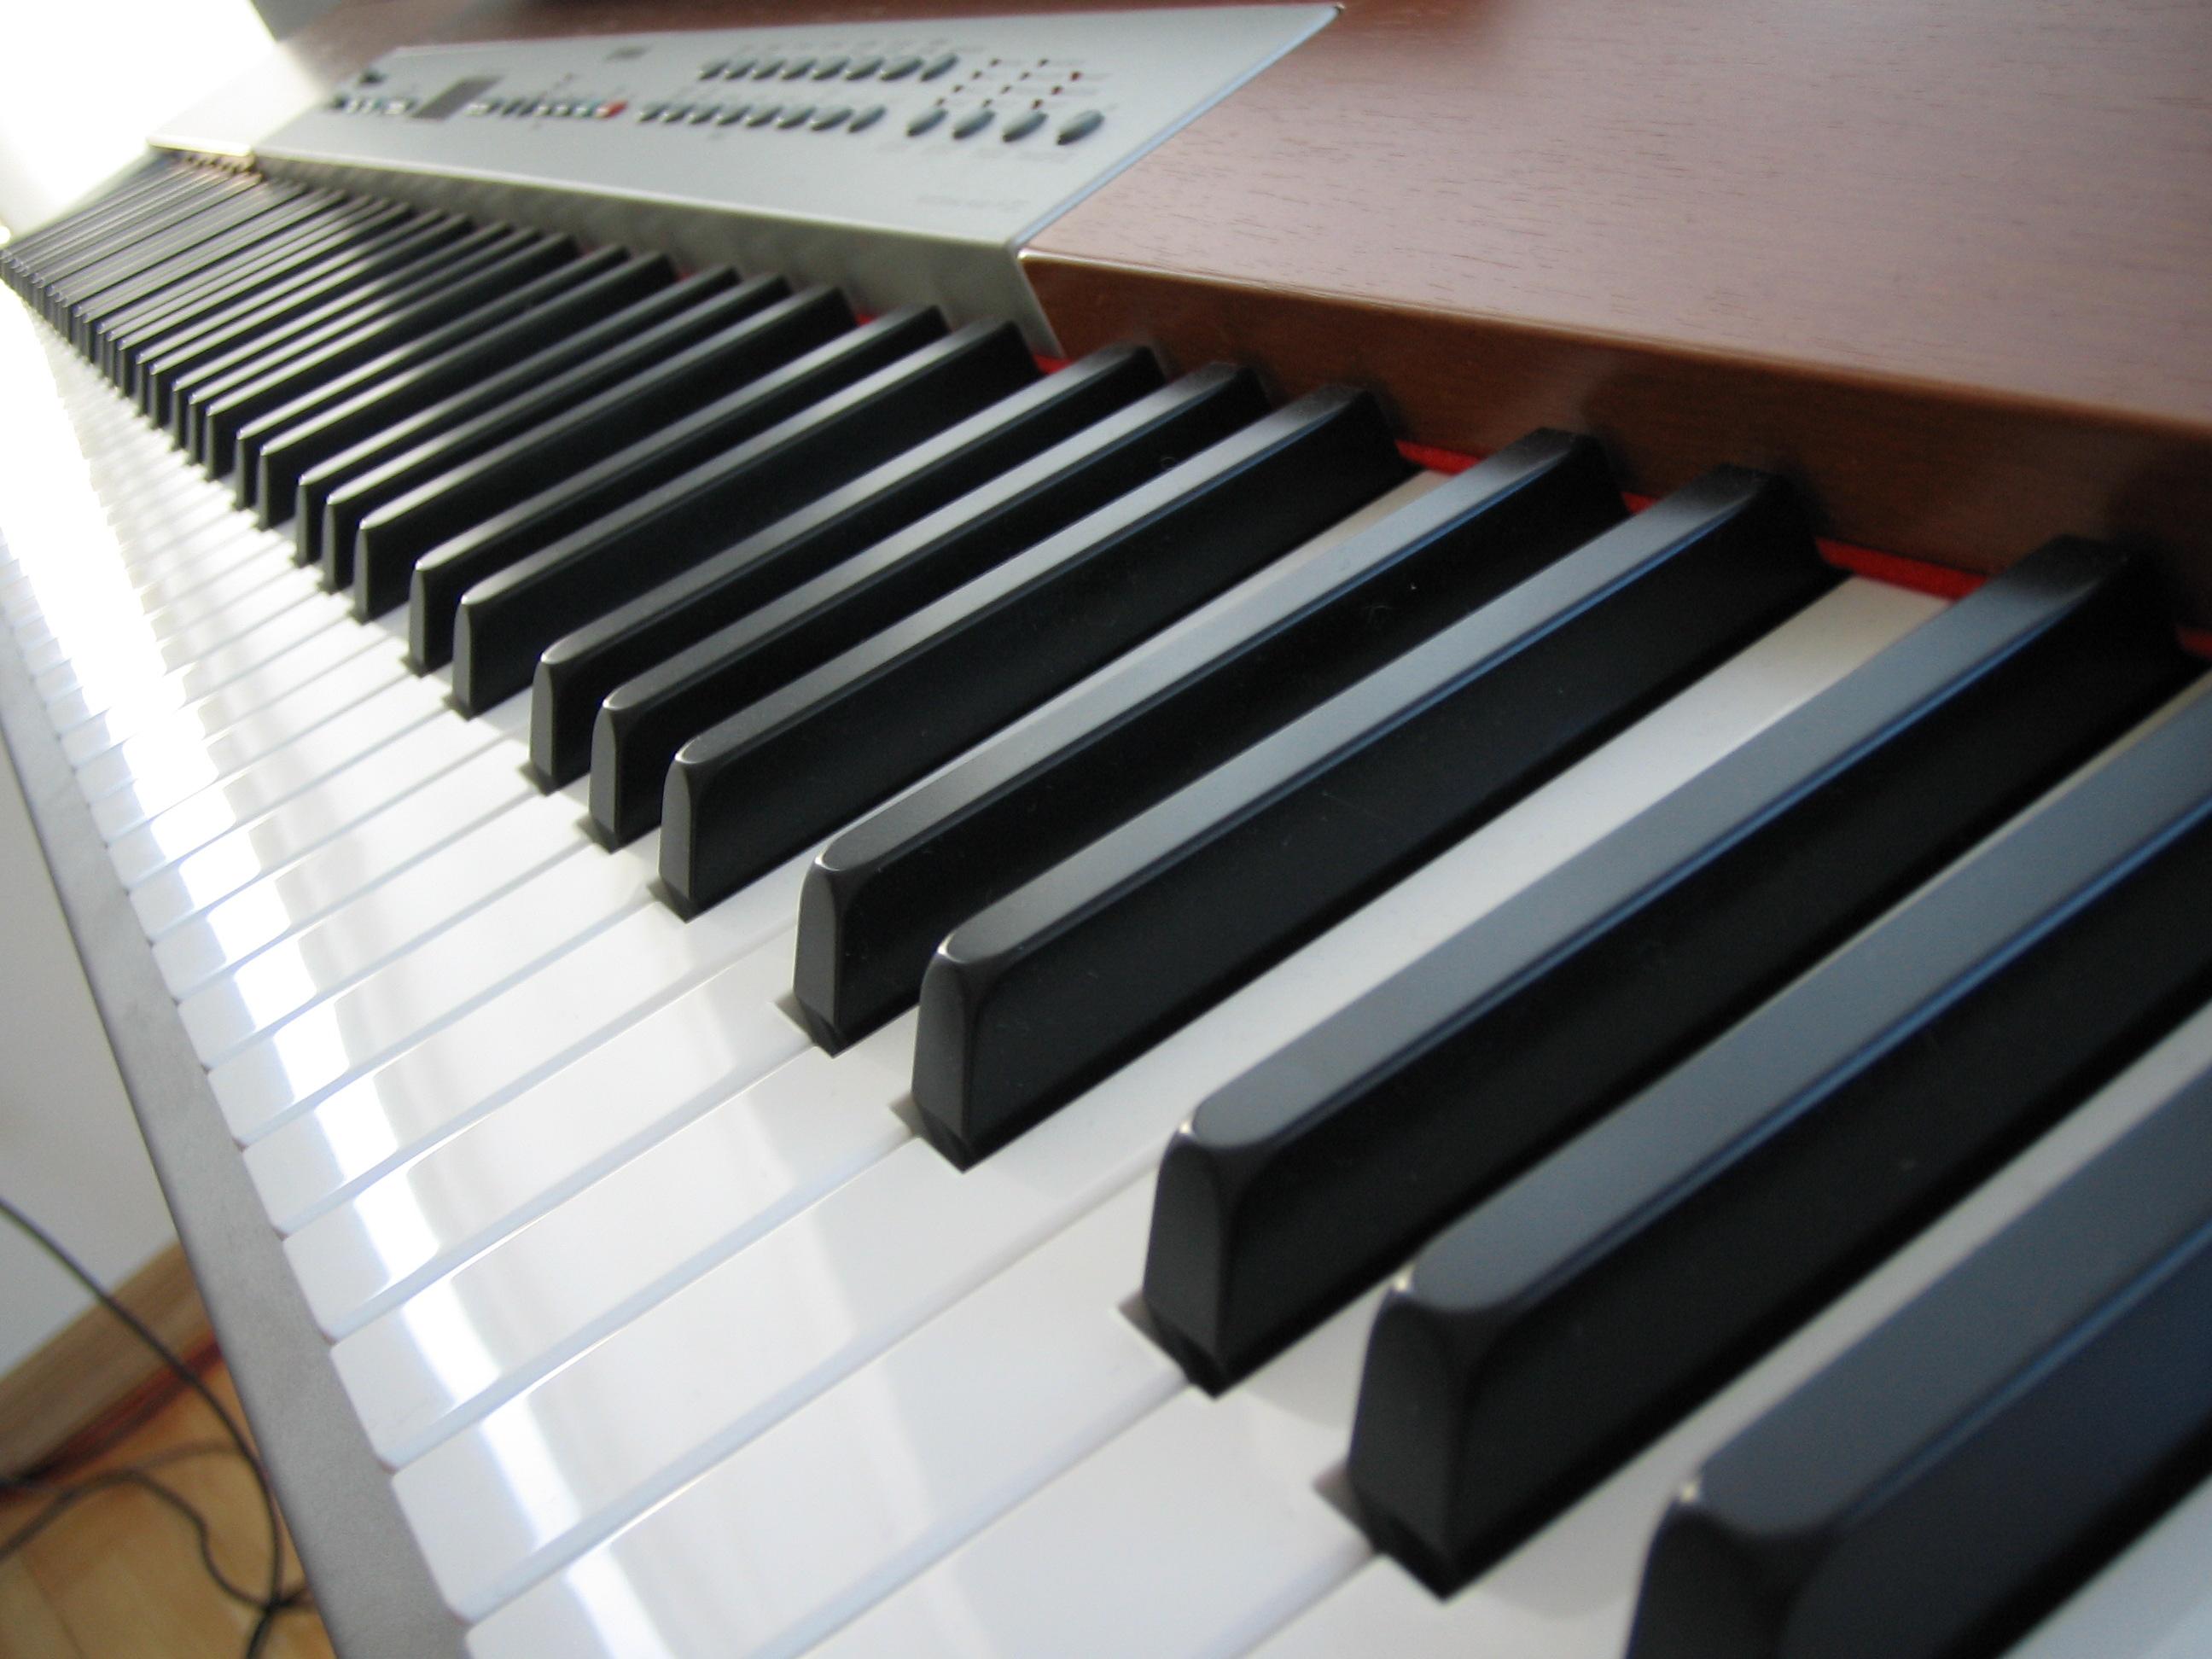 Yamaha Piano Midi Files